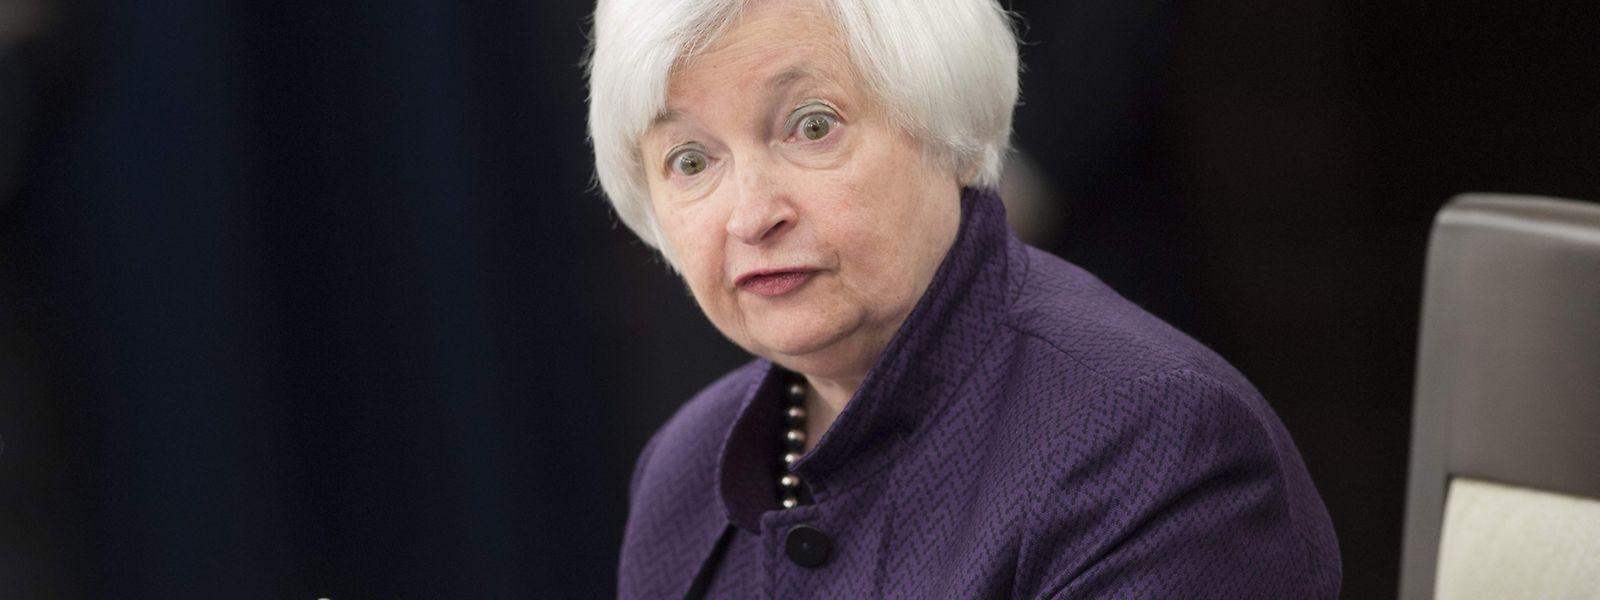 Die US-Notenbank unter Leitung von Janet Yellen hat zum siebten Mal in Folge den Leitzins unangetastet gelassen.